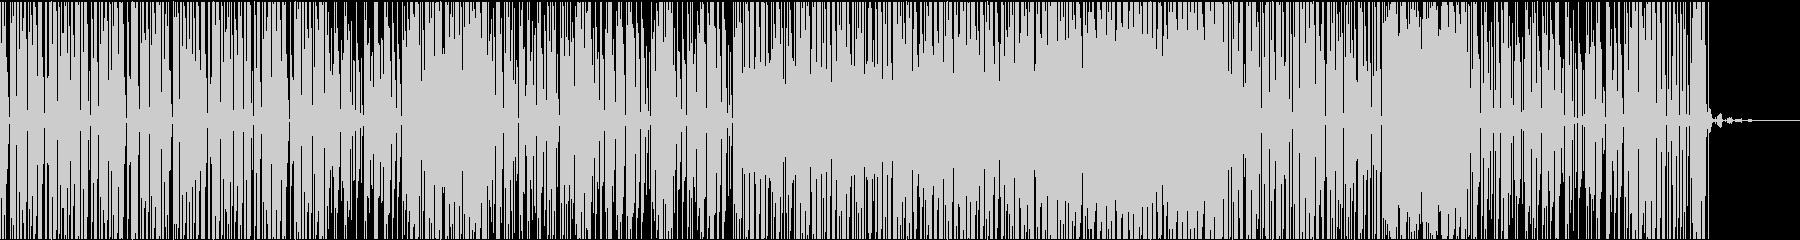 バウンス系BGMの未再生の波形